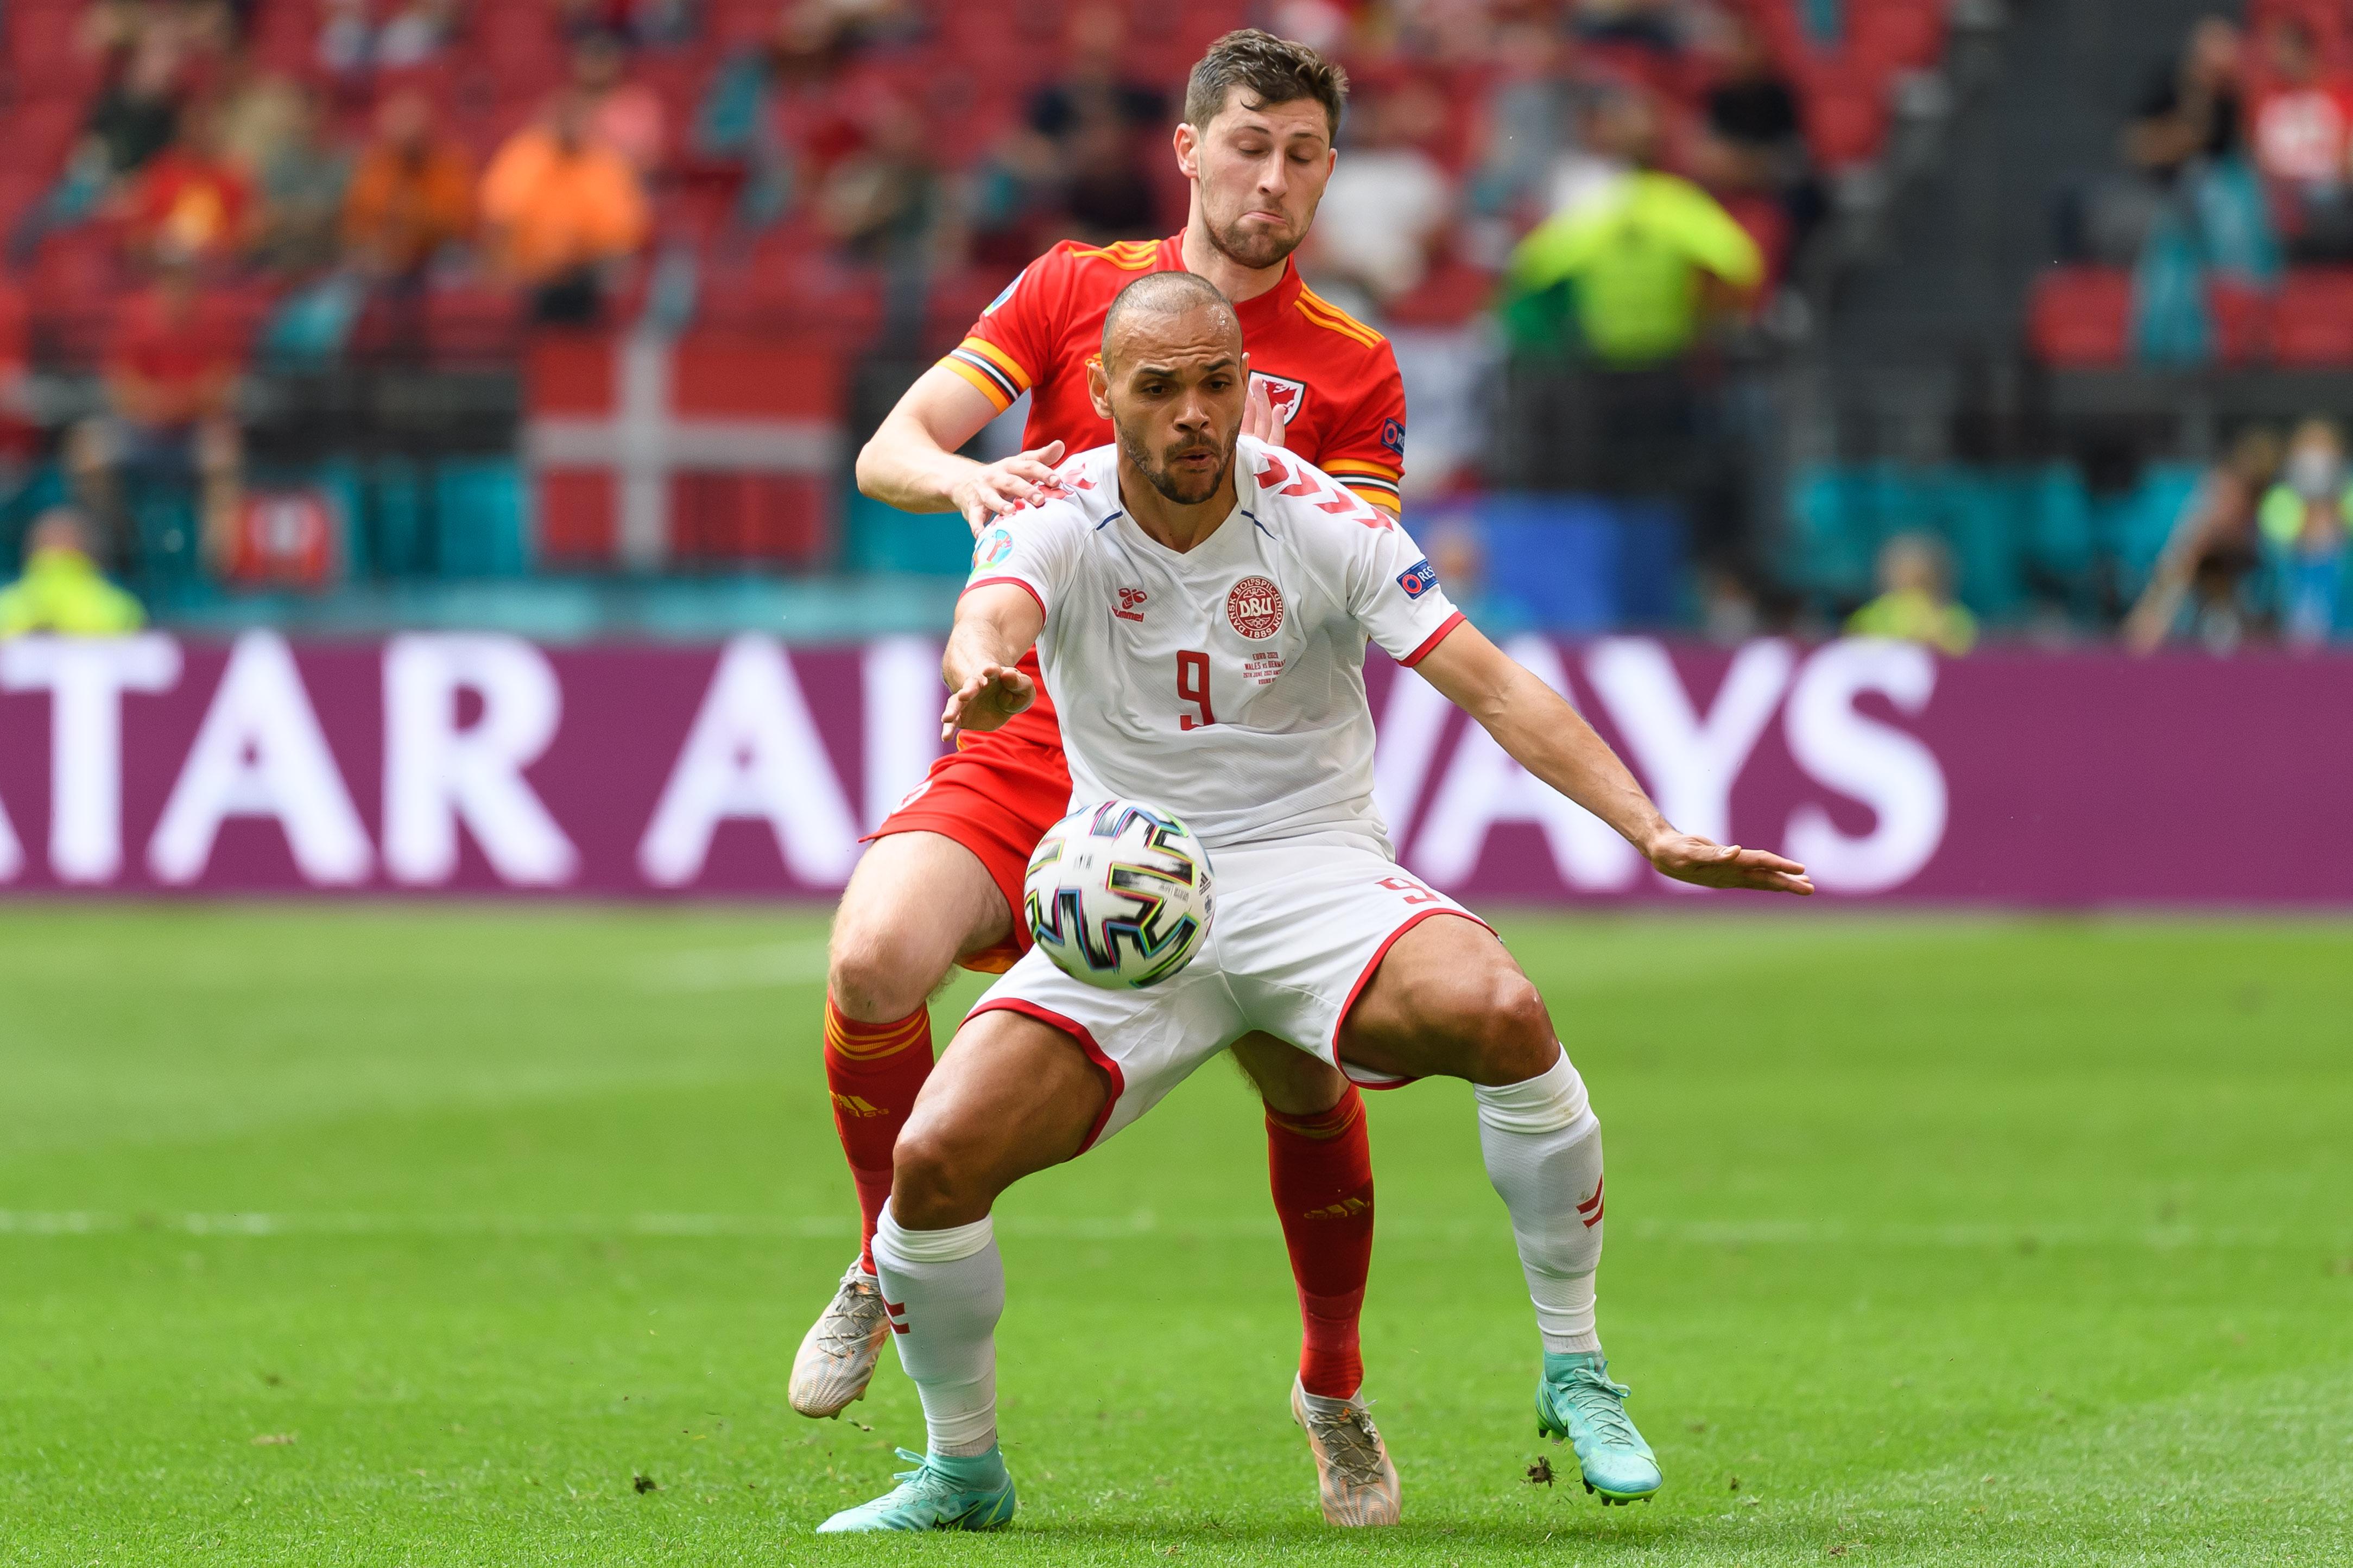 Wales v Denmark - UEFA Euro 2020 - Round of 16